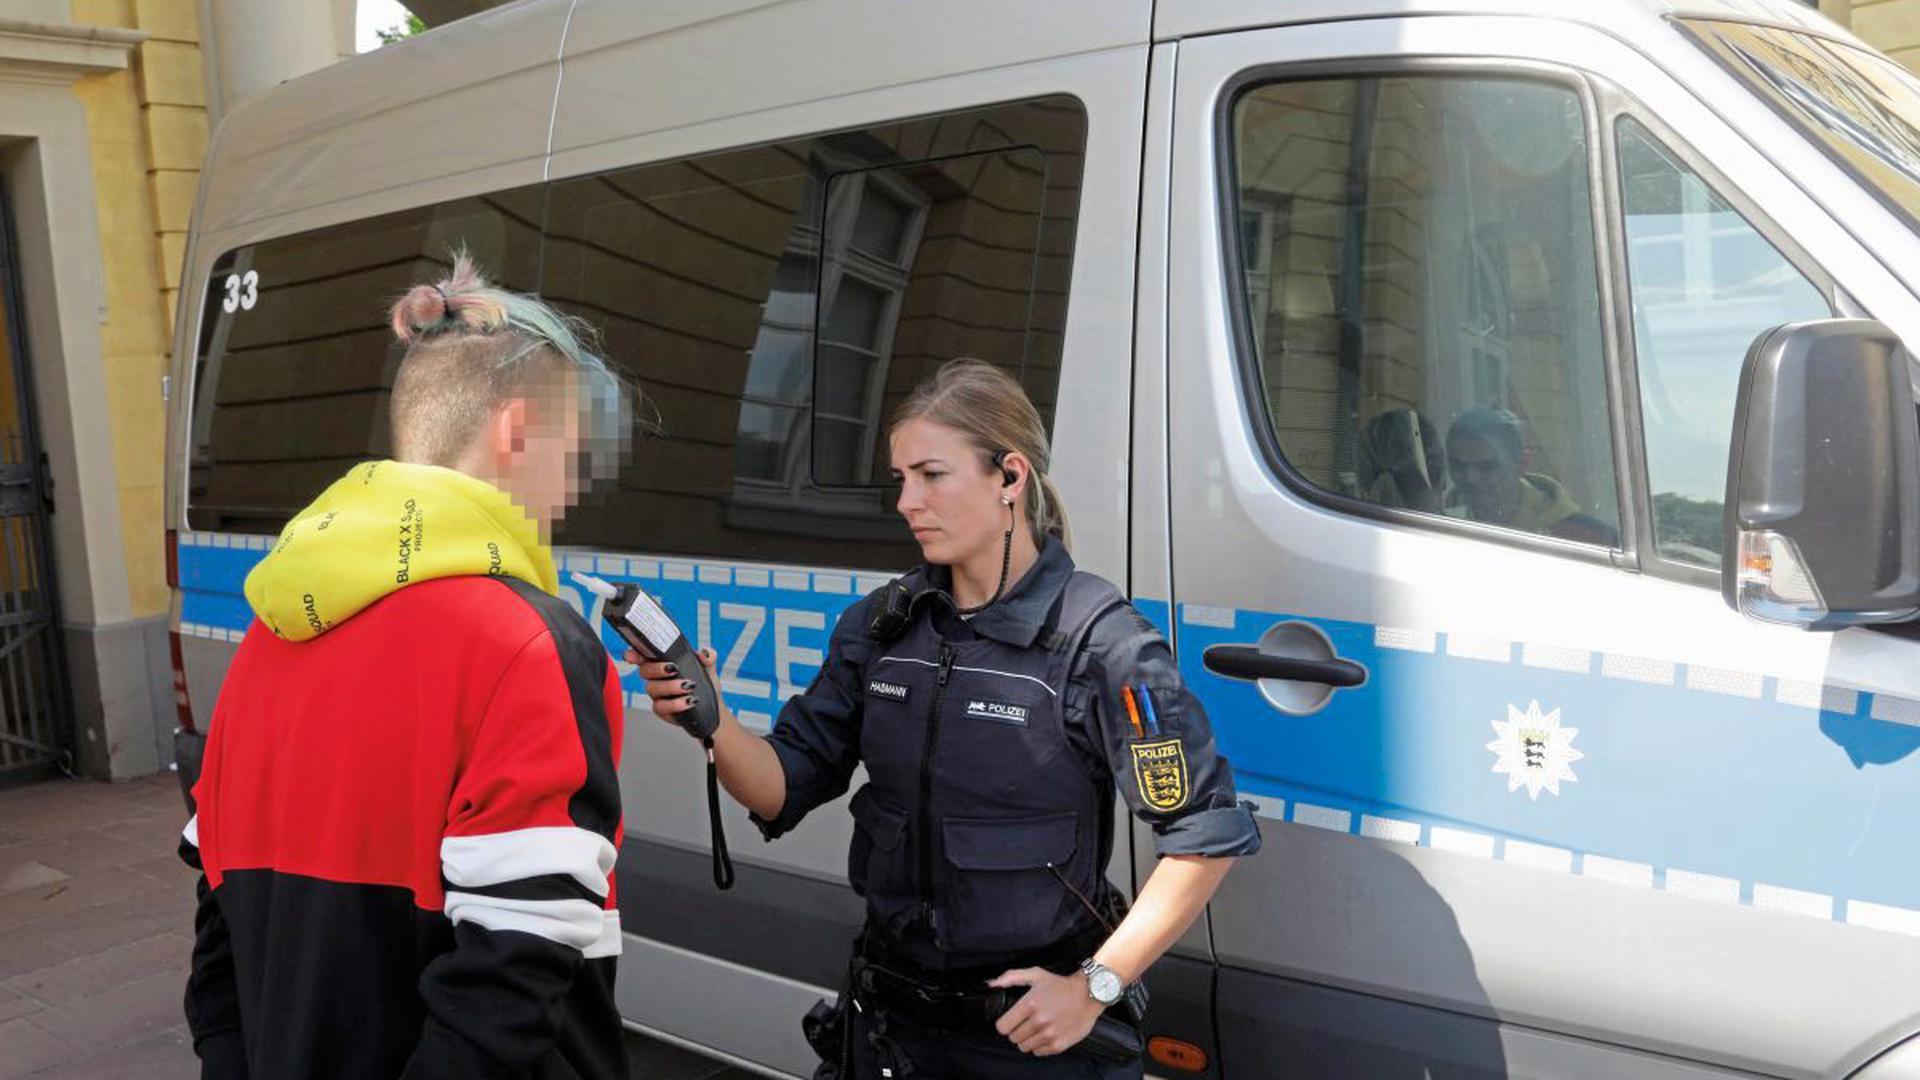 Die Feier der Realschüler zum Schulabschluss am Dienstag im Schlosspark in Karlsruhe fand unter den wachsamen Augen der Polizei statt.